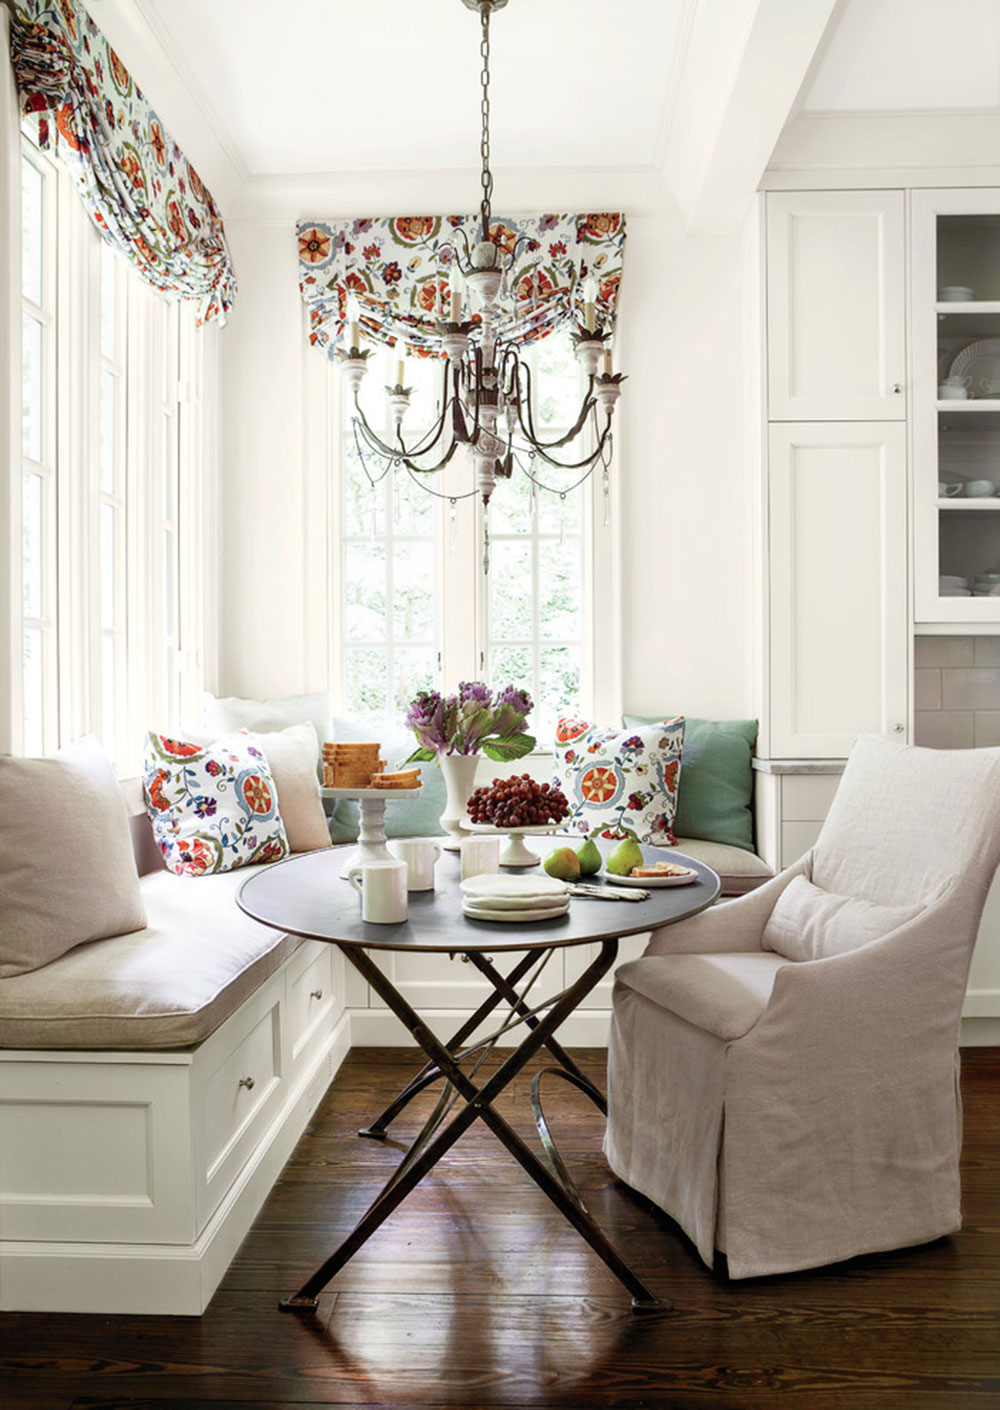 Kök-bord-bänk-platser-hela-familjen-samla6 kök-bord-bänk-platser som samlar hela familjen